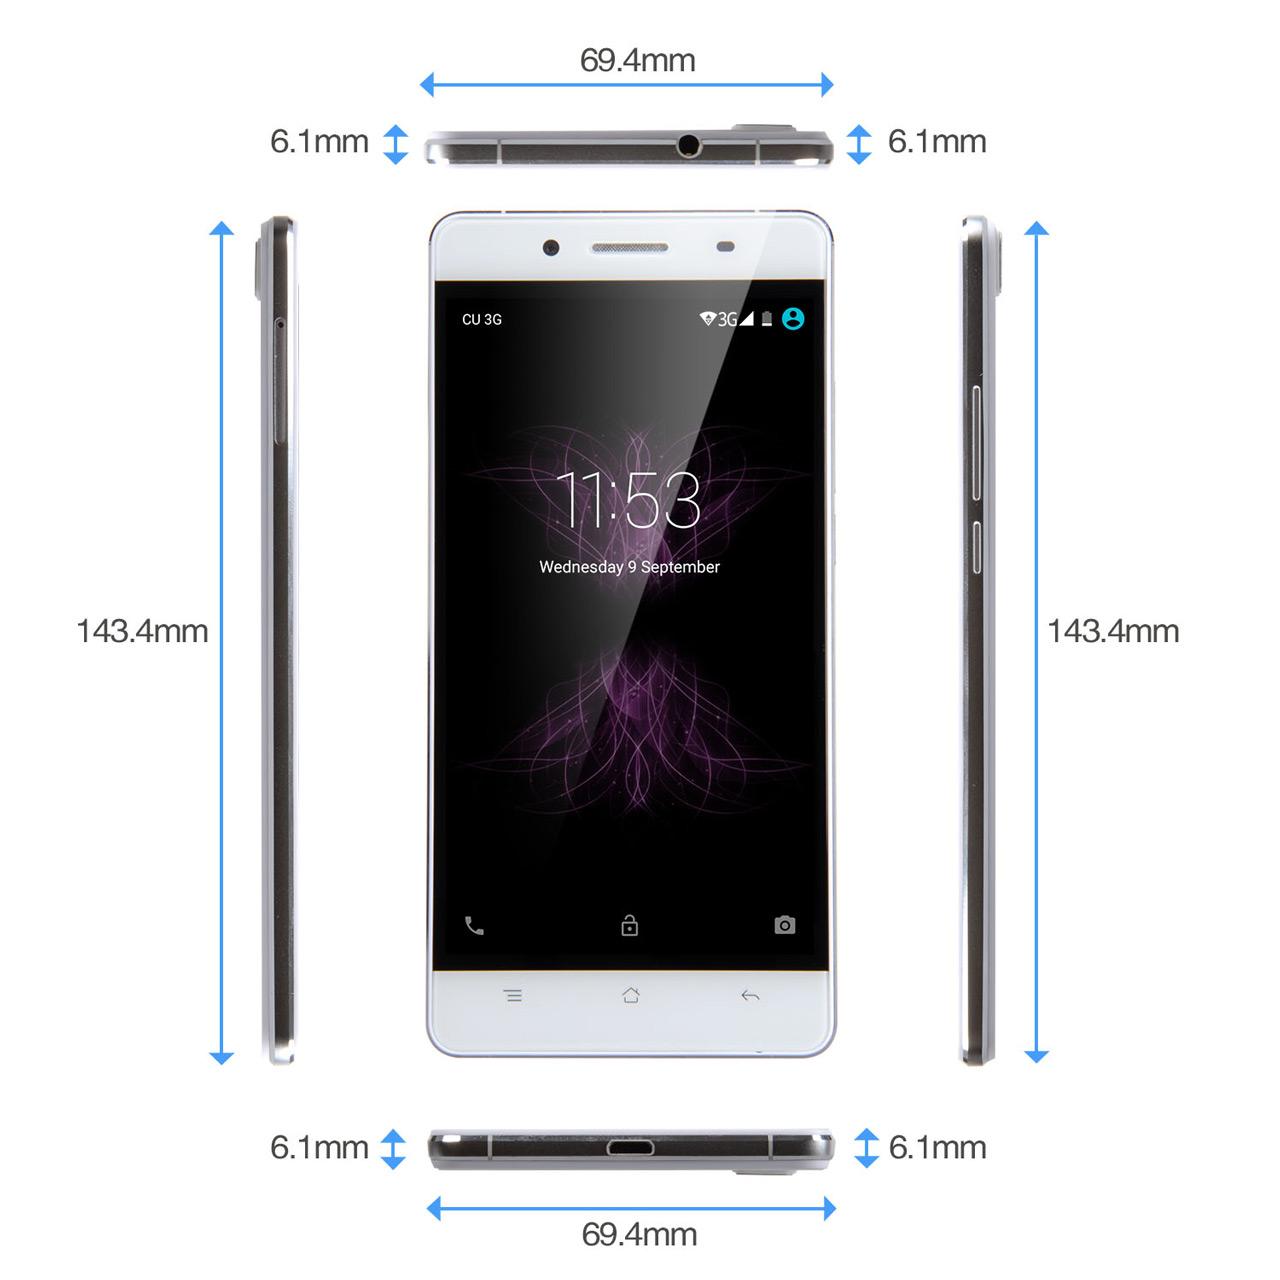 CUBOT X17, Benchmark Test, Testbericht, Angebot, günstig Smartphone ohne Vertrag, Angebot, vorbestellen, dünn Smartphone, Blende Weitwinkel, schnelle Lieferung, verfügbar